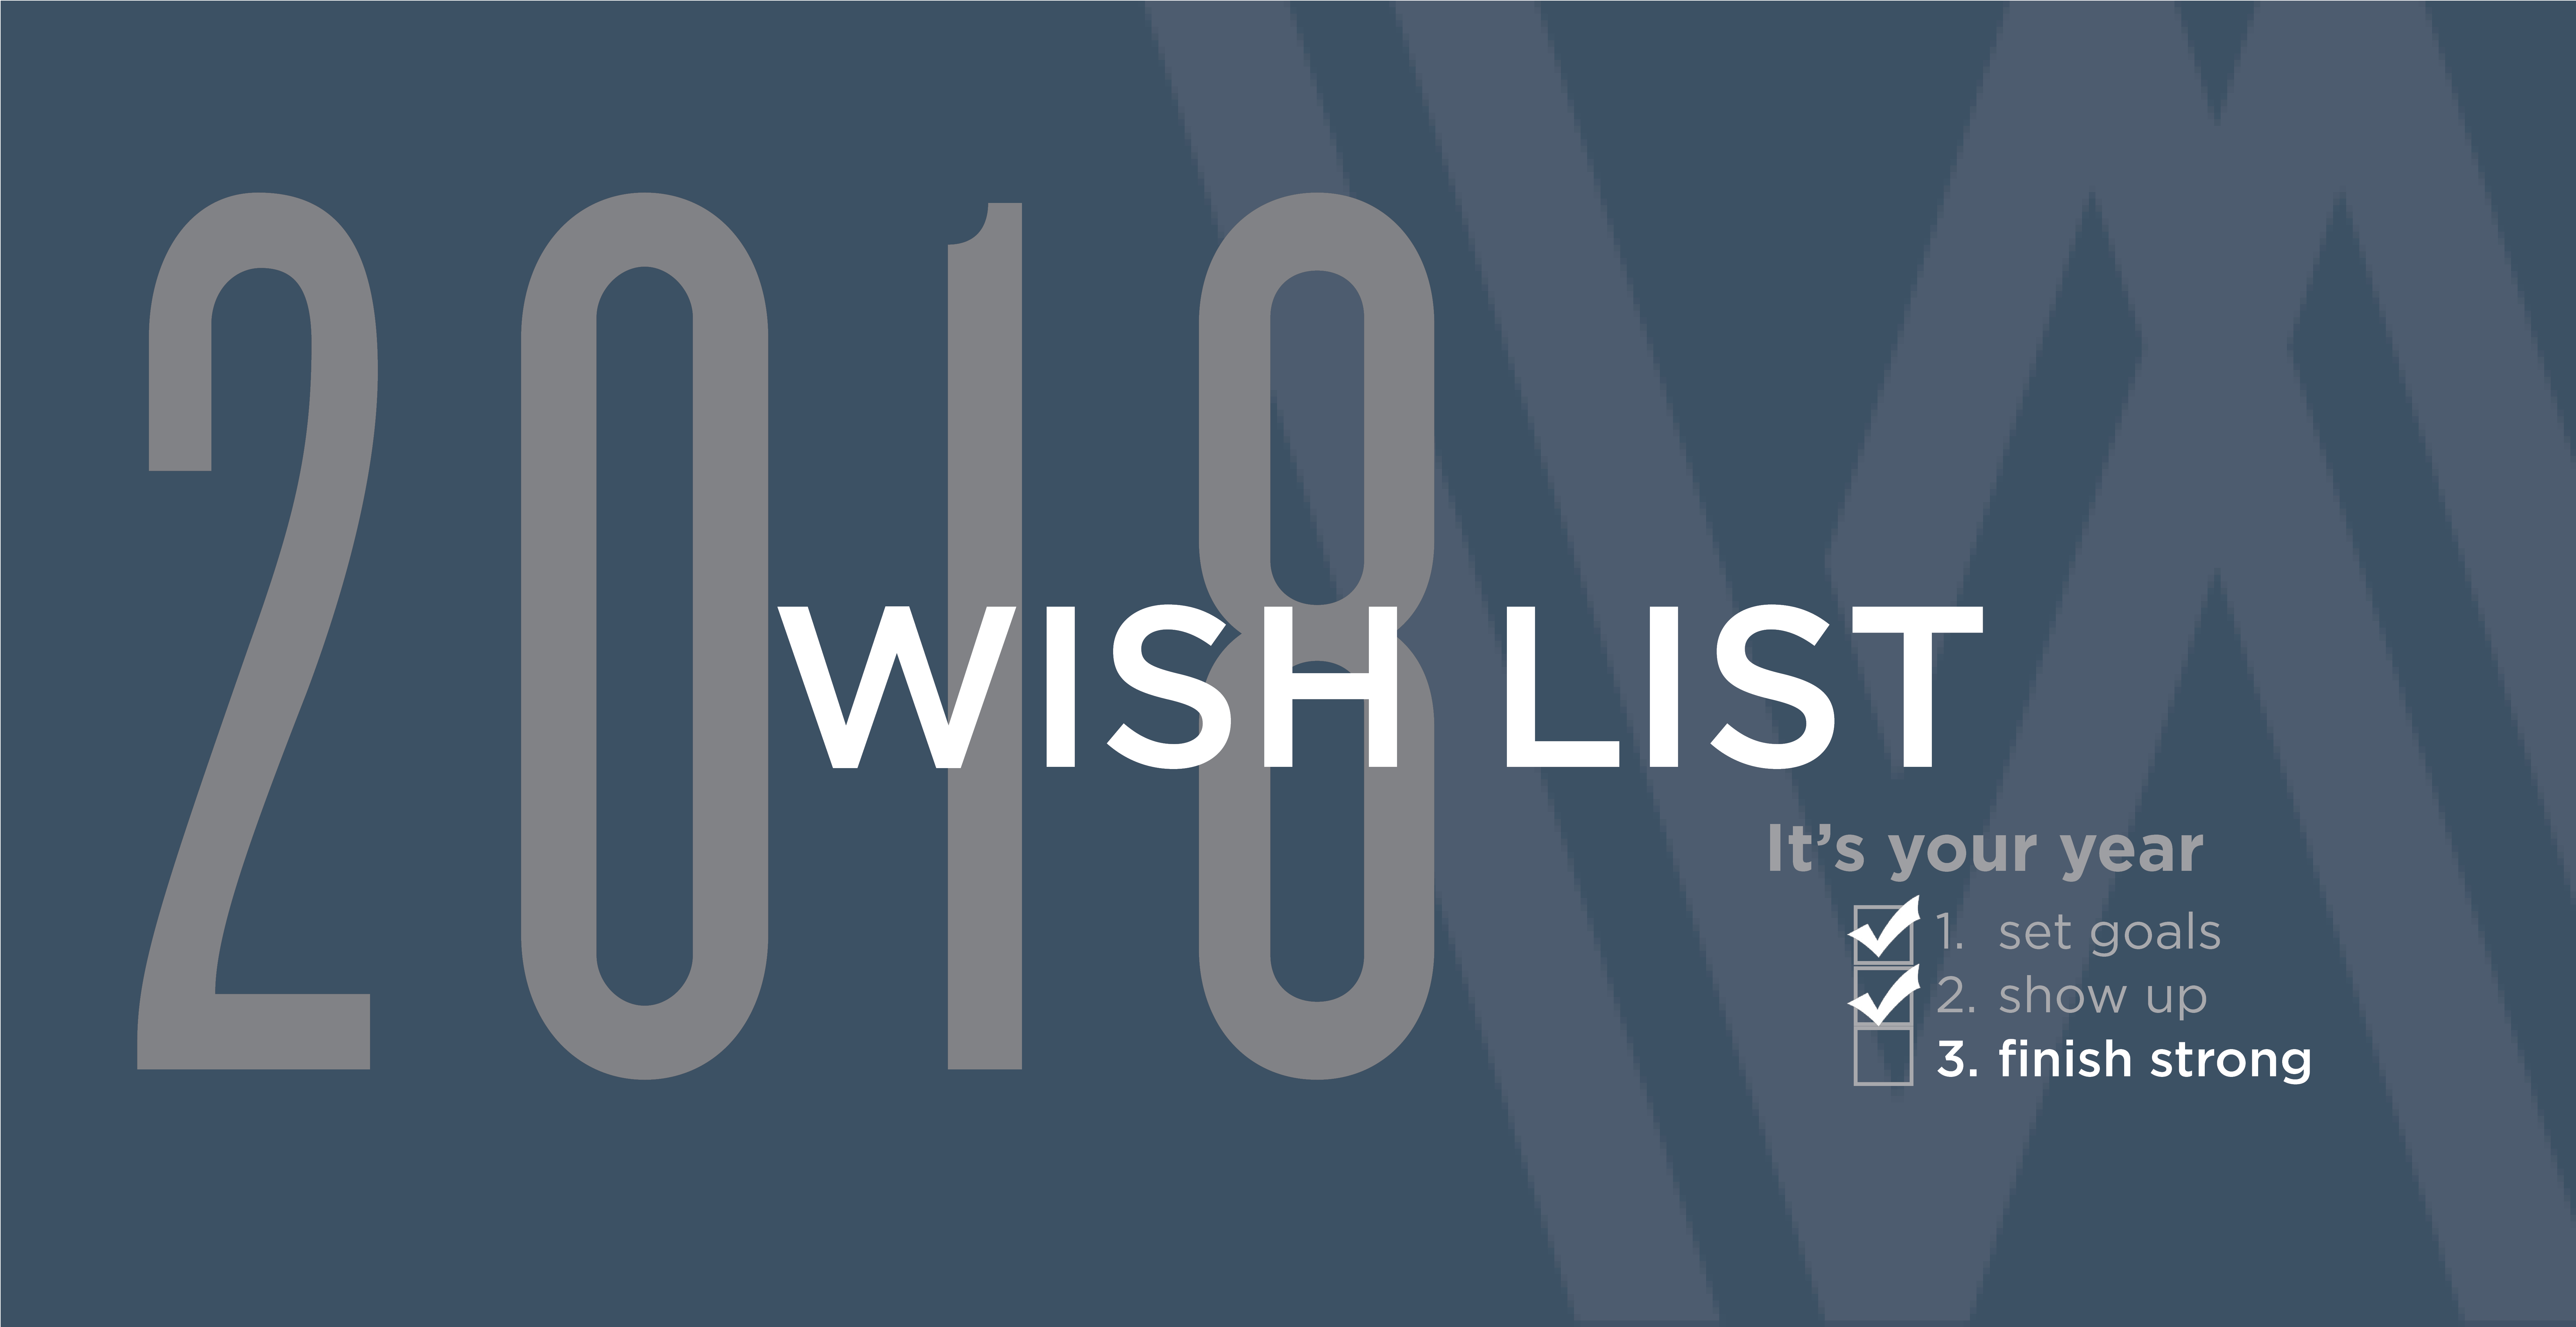 Woodside Wish List 2018